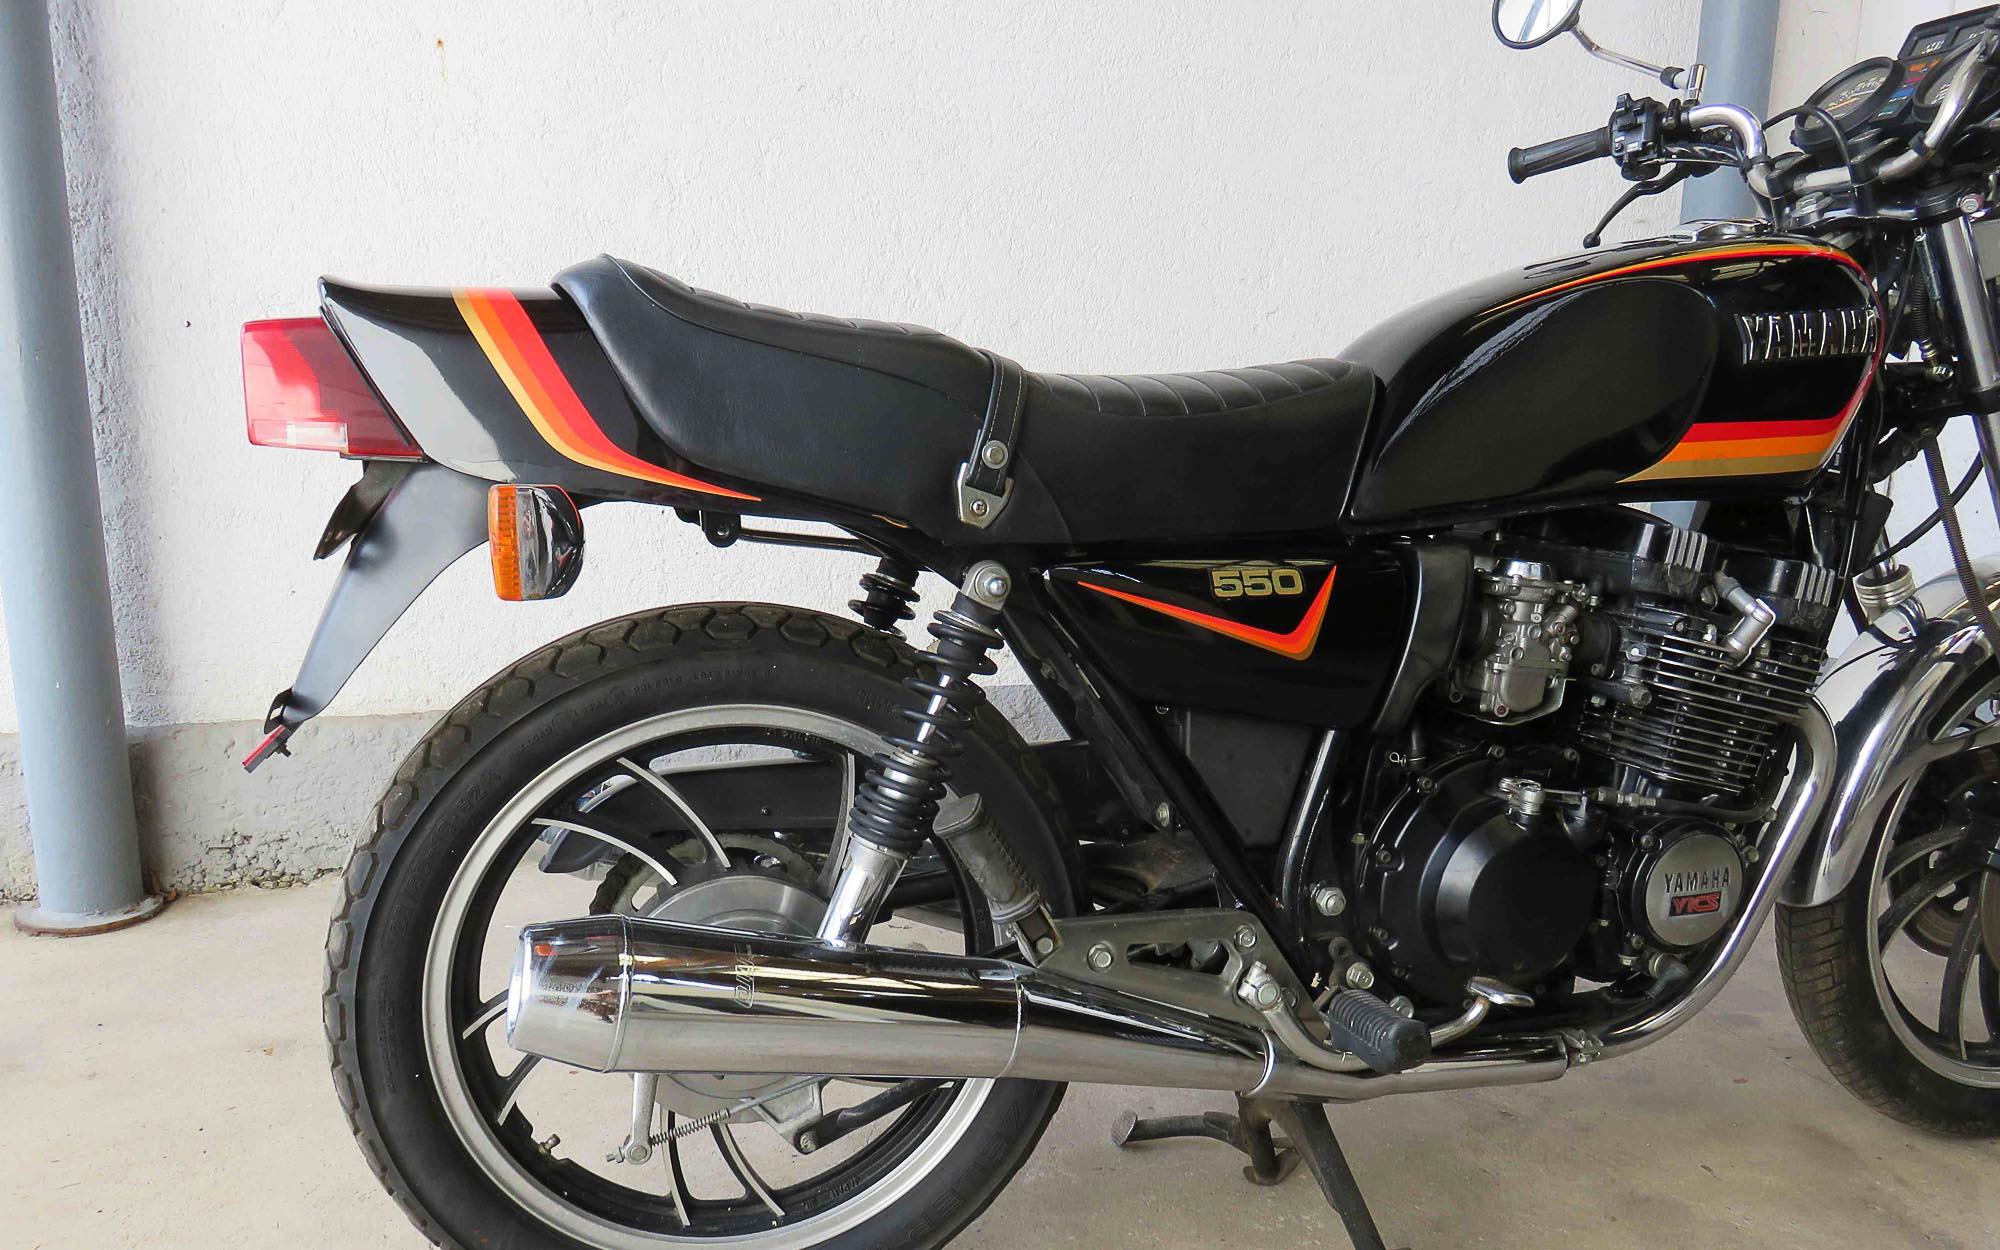 1981 Yamaha XJ 550 #2 | Bikes.BestCarMag.com